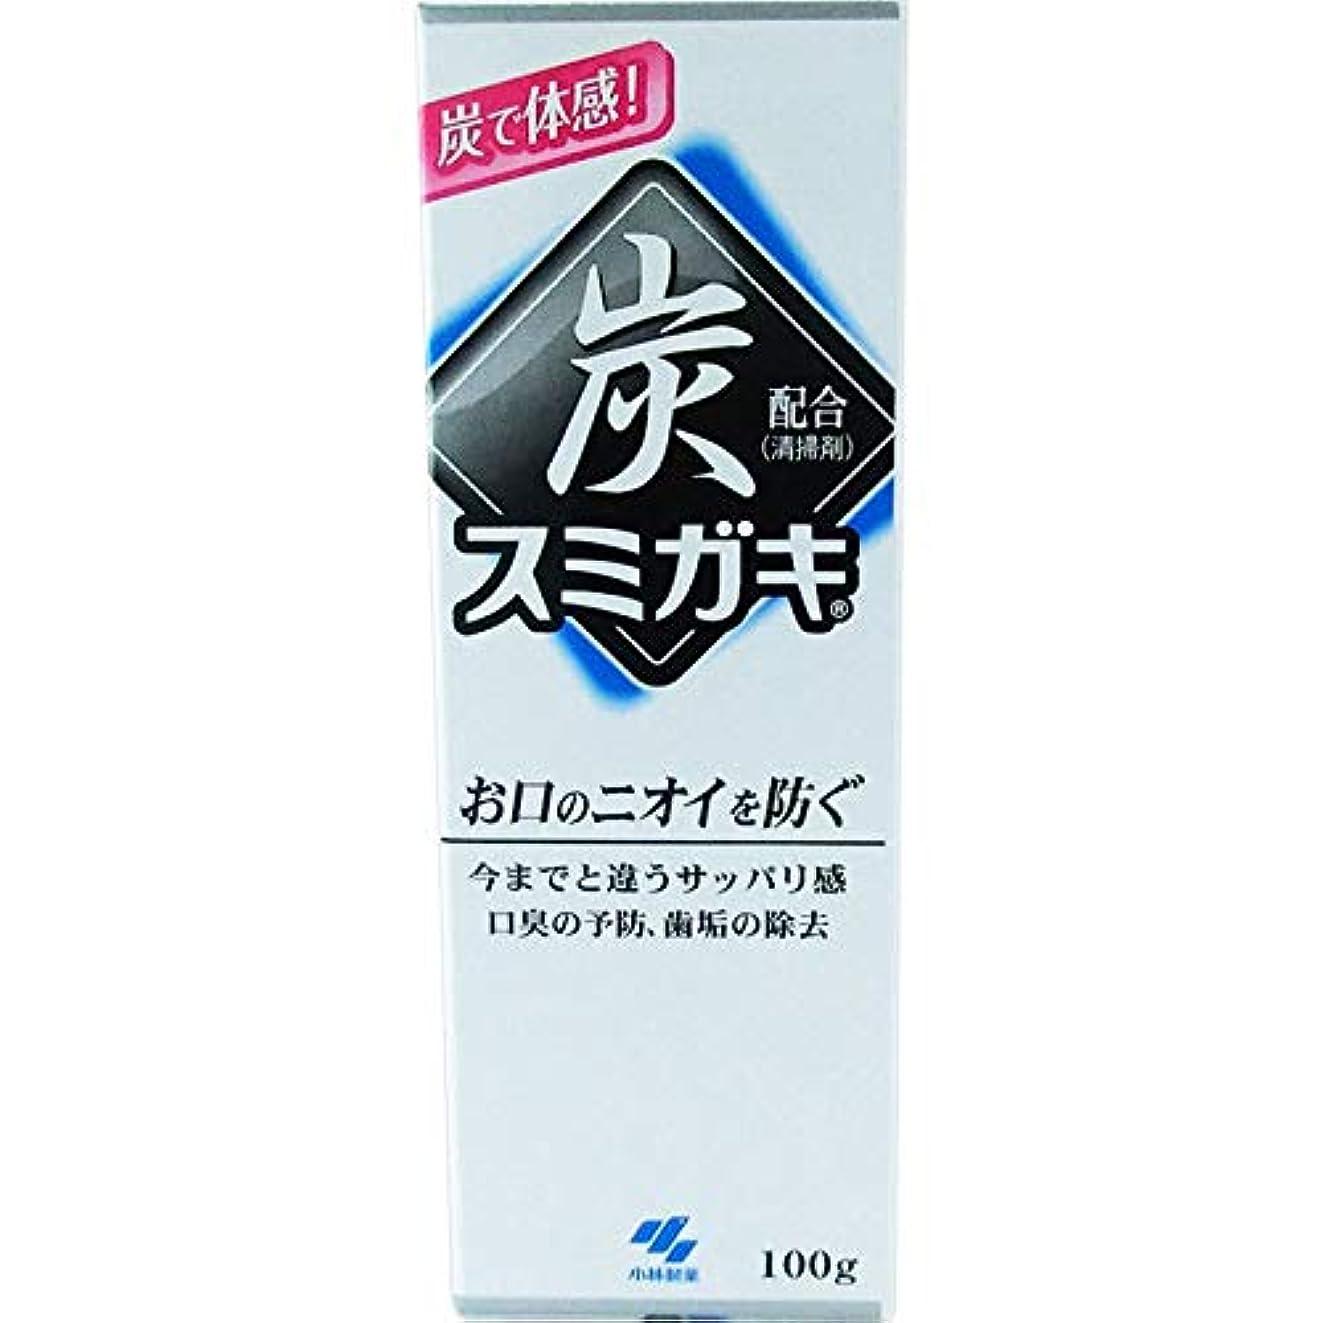 平野フォーマット政権小林製薬 スミガキ 100g